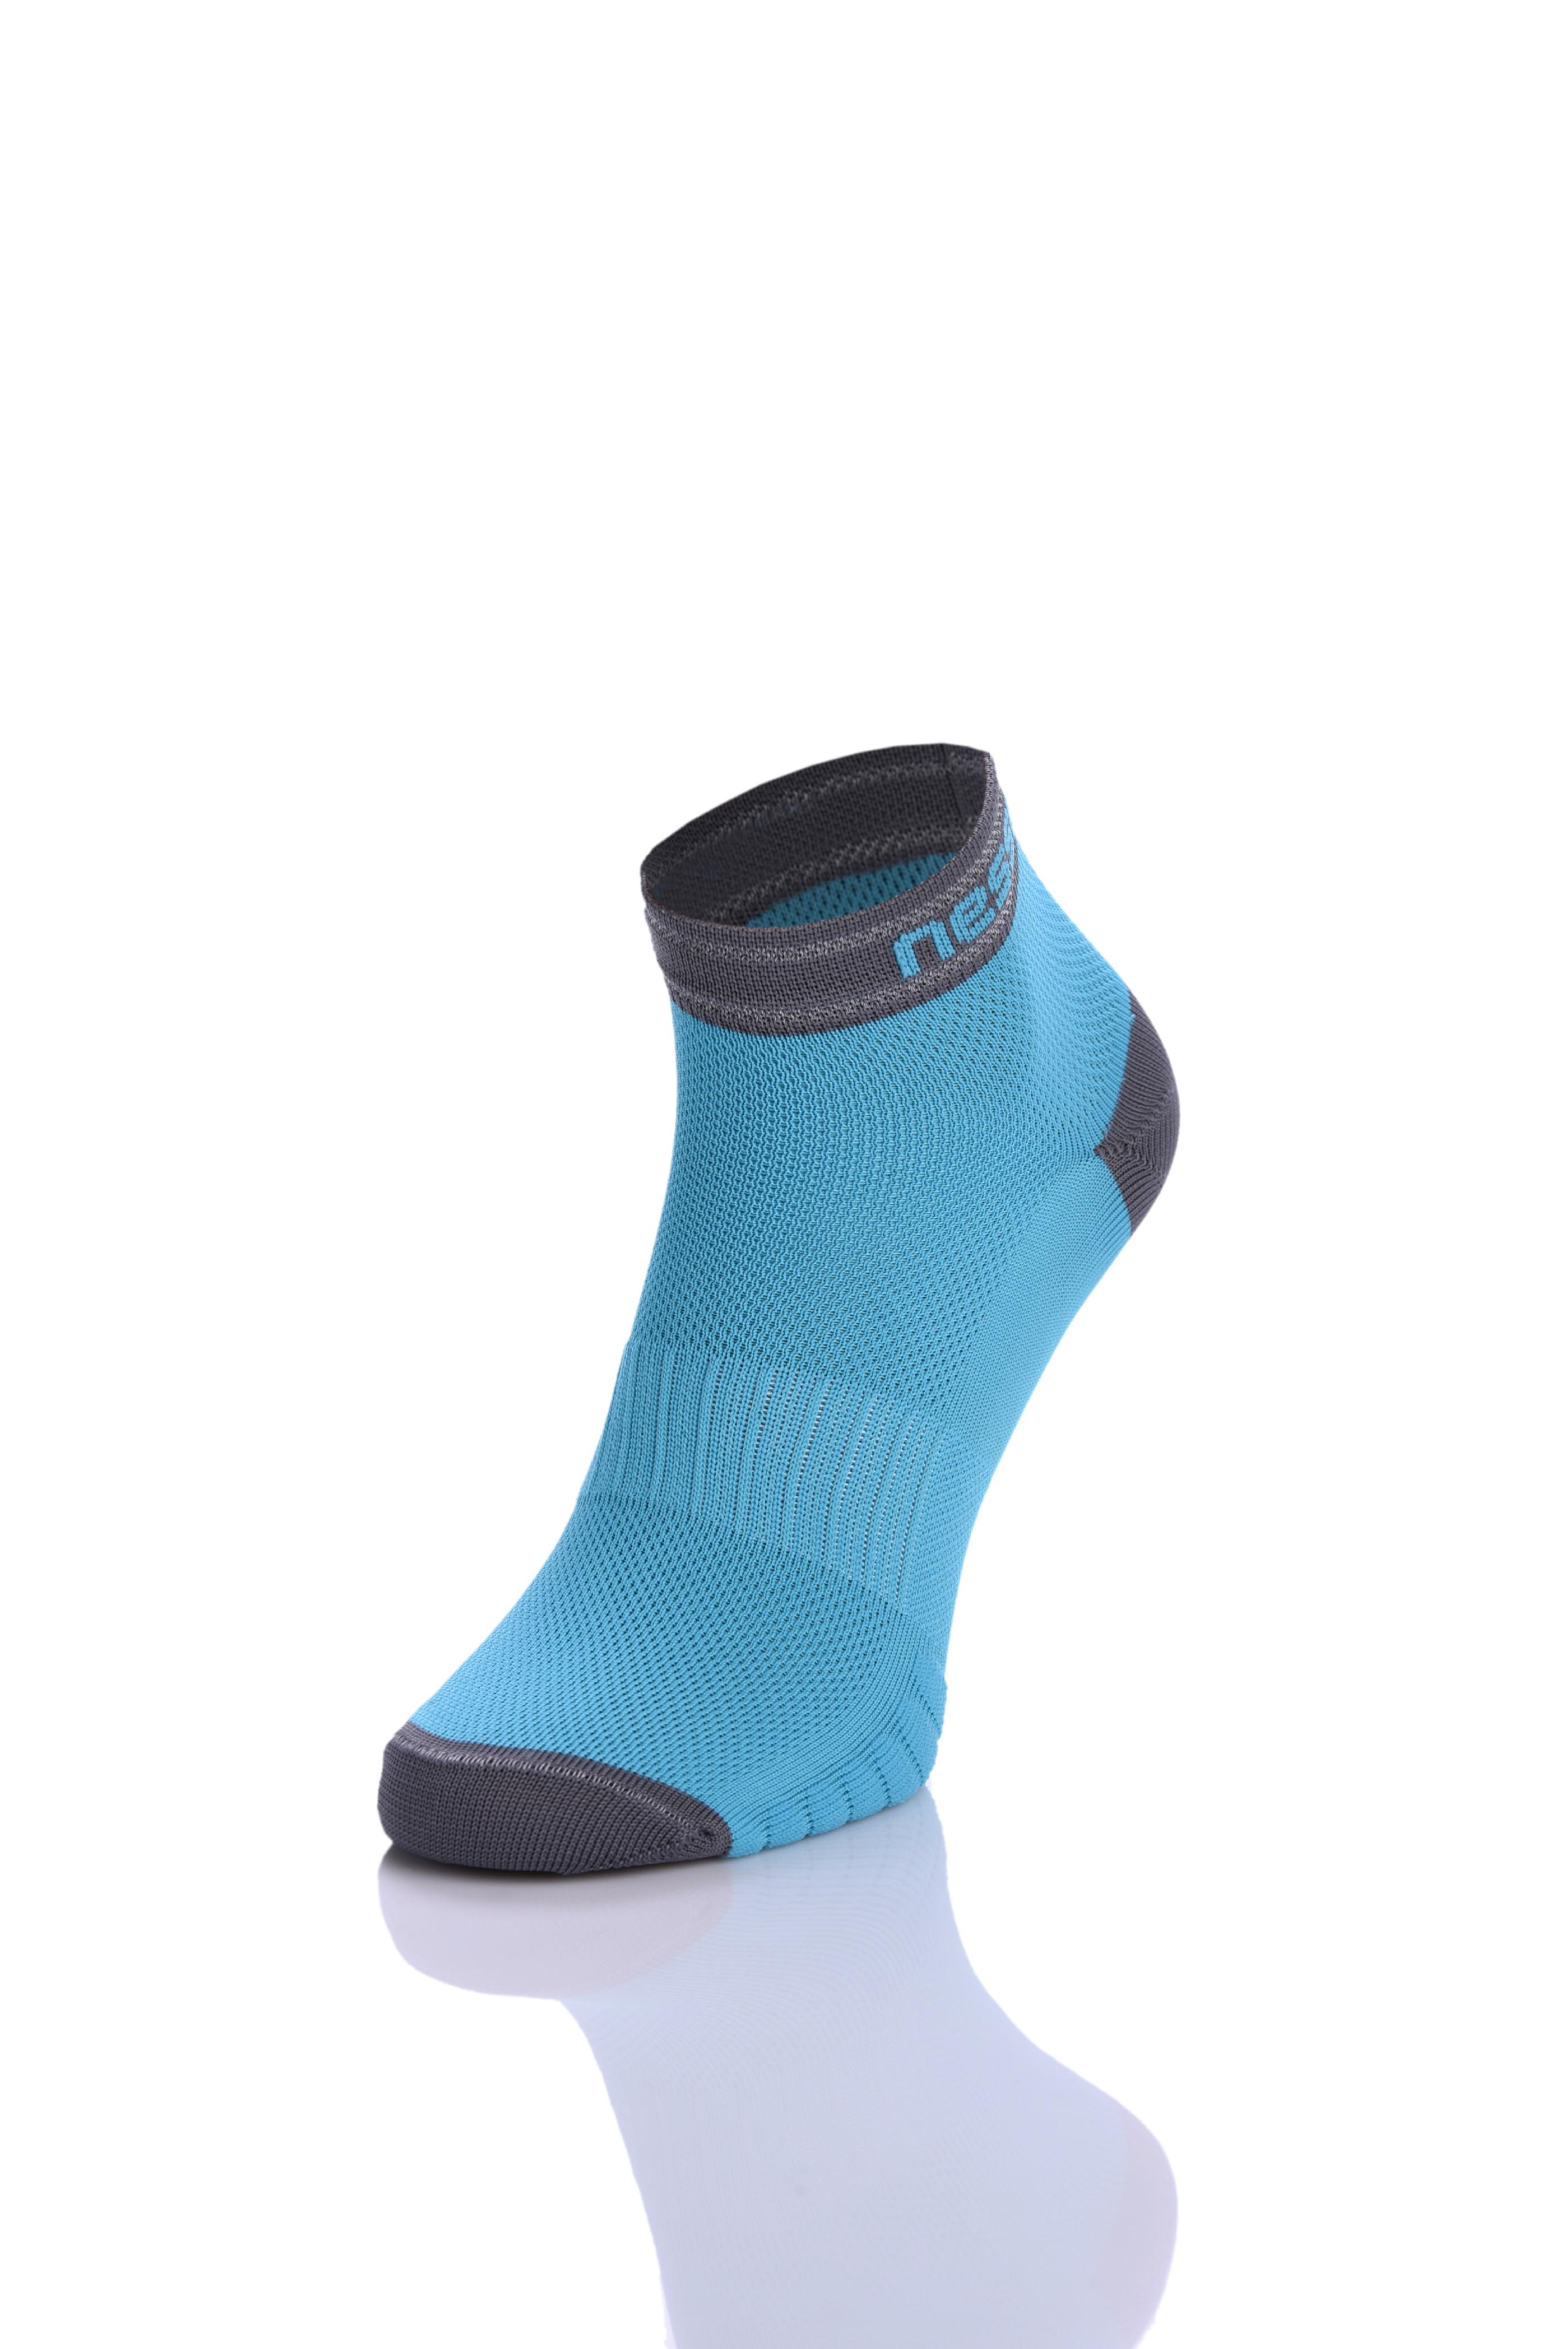 Levně Běžecké ponožky RSO-7 - Tyrkysová Velikost: 45-47